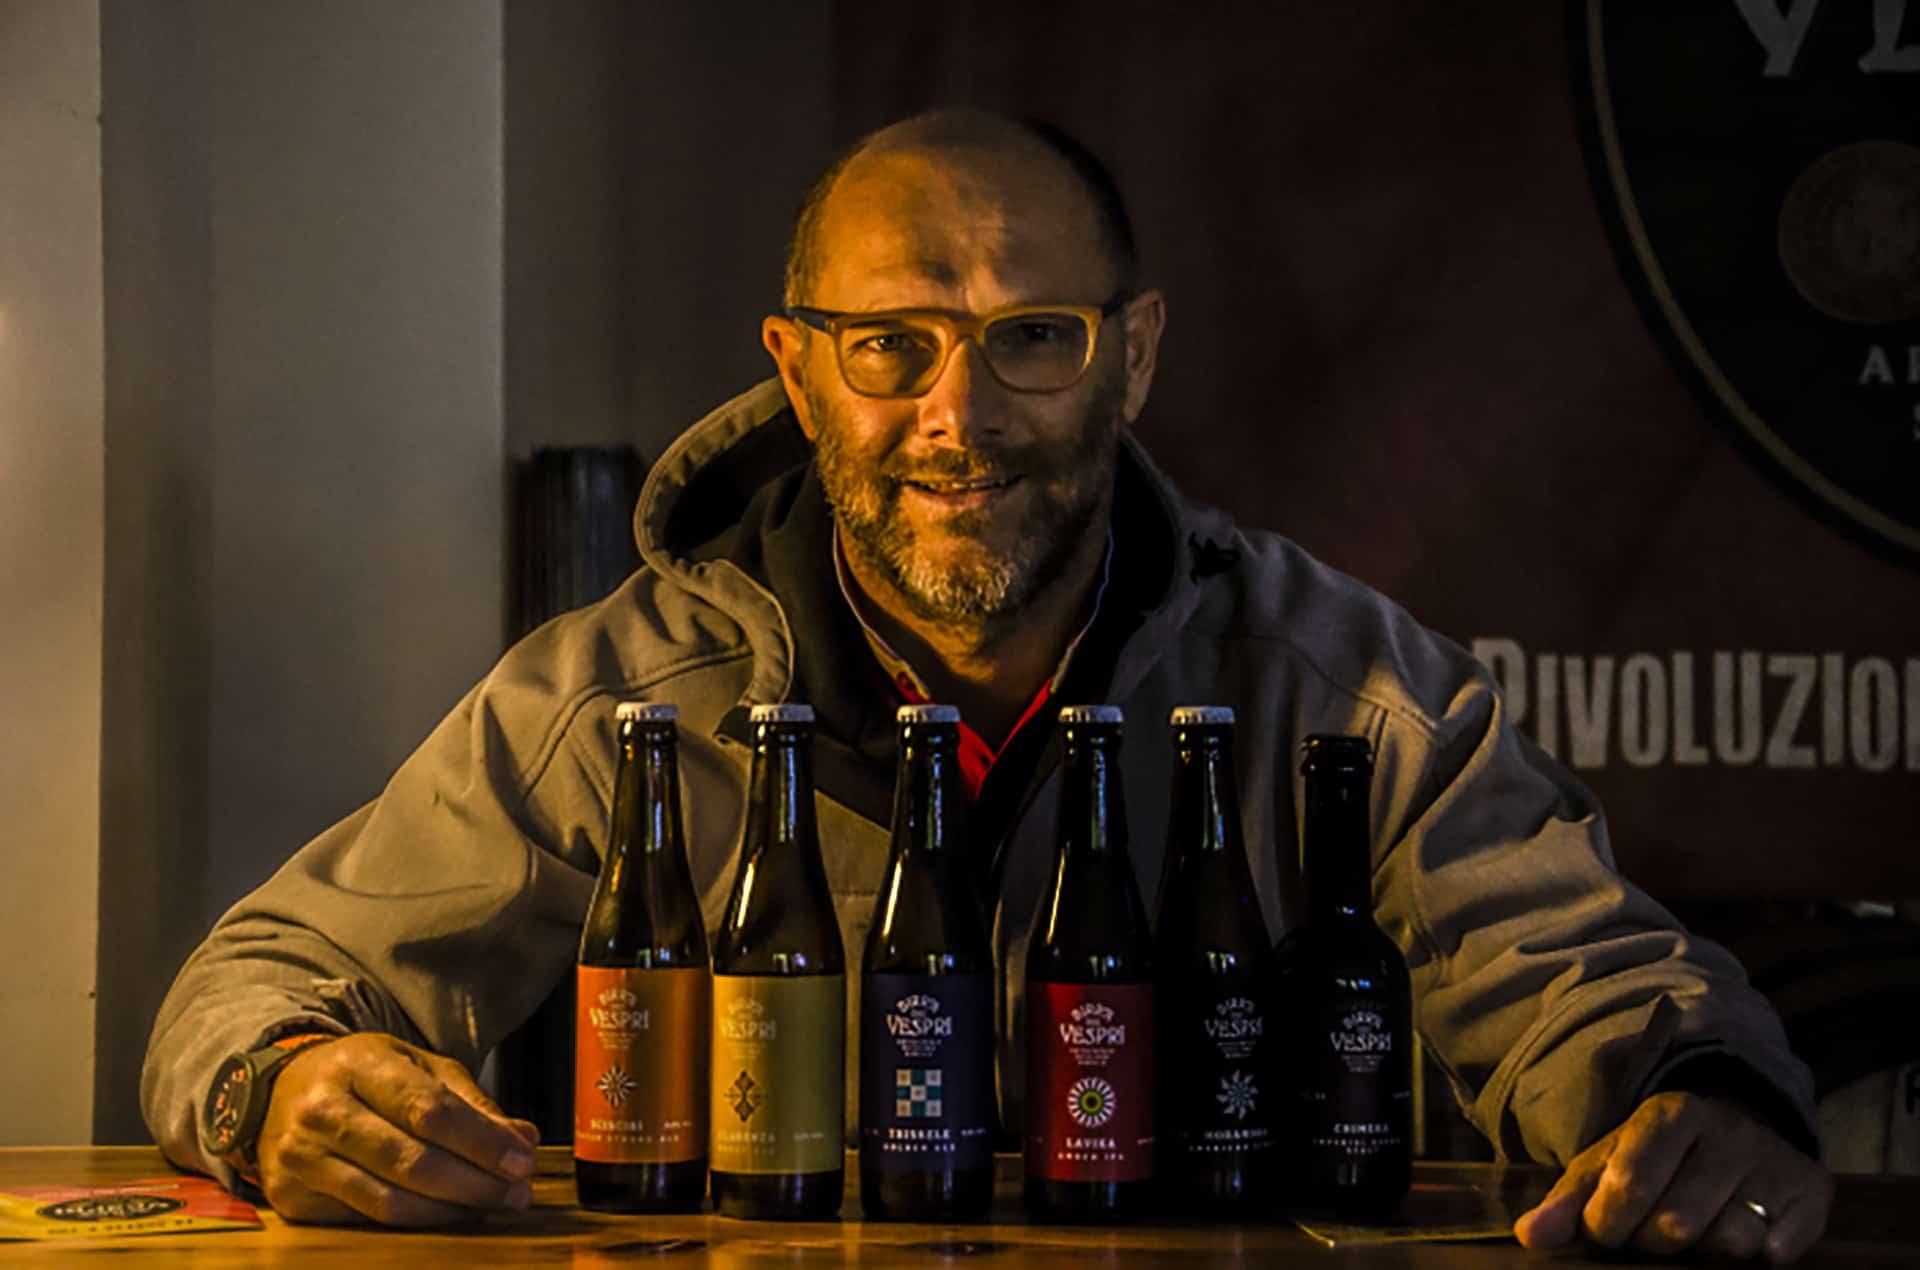 Gaetano Bucaro Birra dei vespri